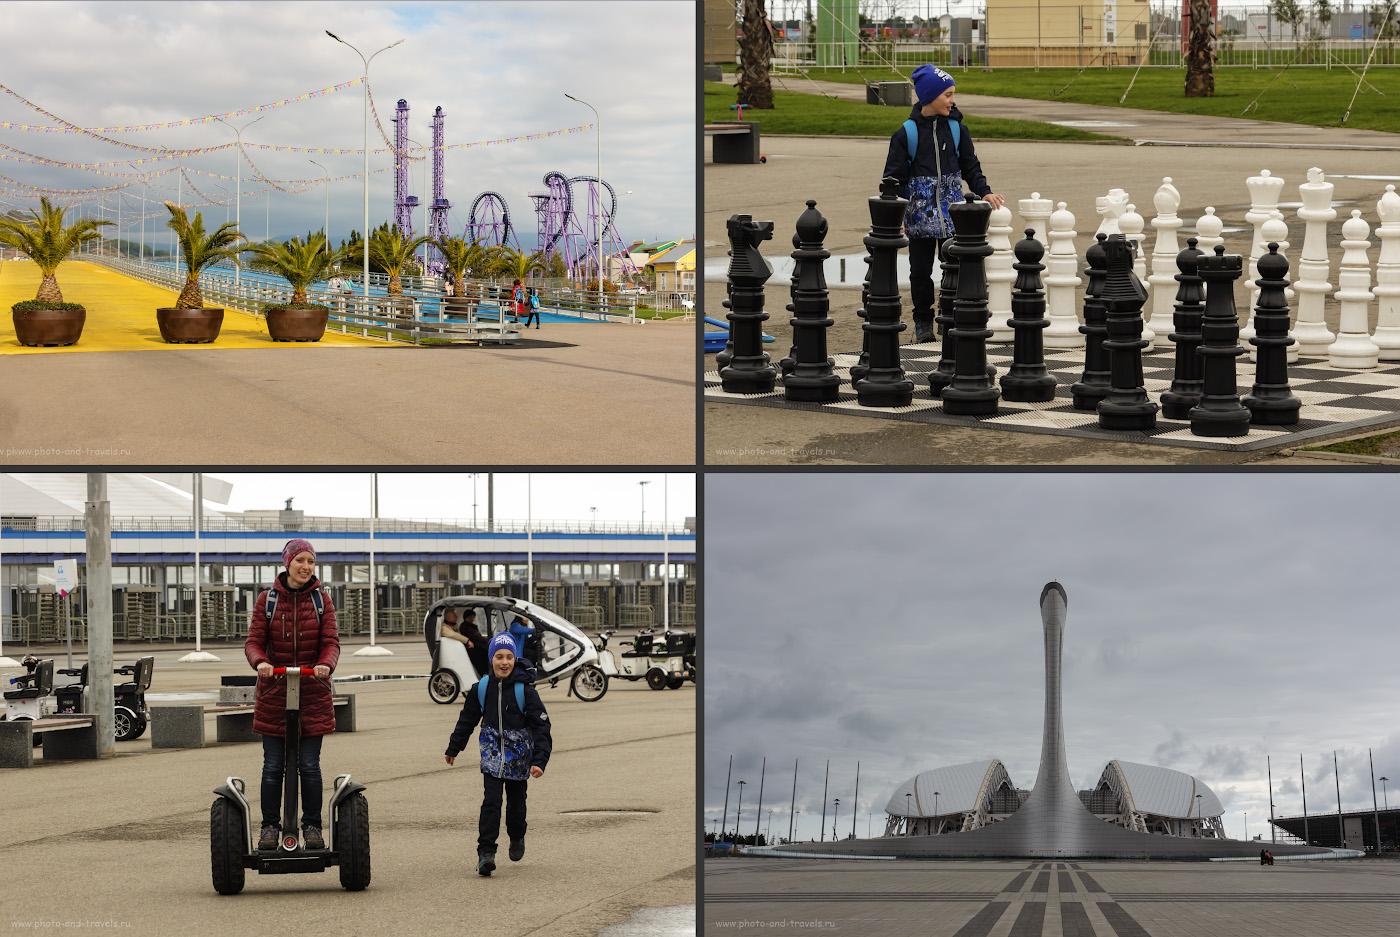 37. Достопримечательности с фотографиями и описанием. Прогулка в Олимпийском парке в марте.